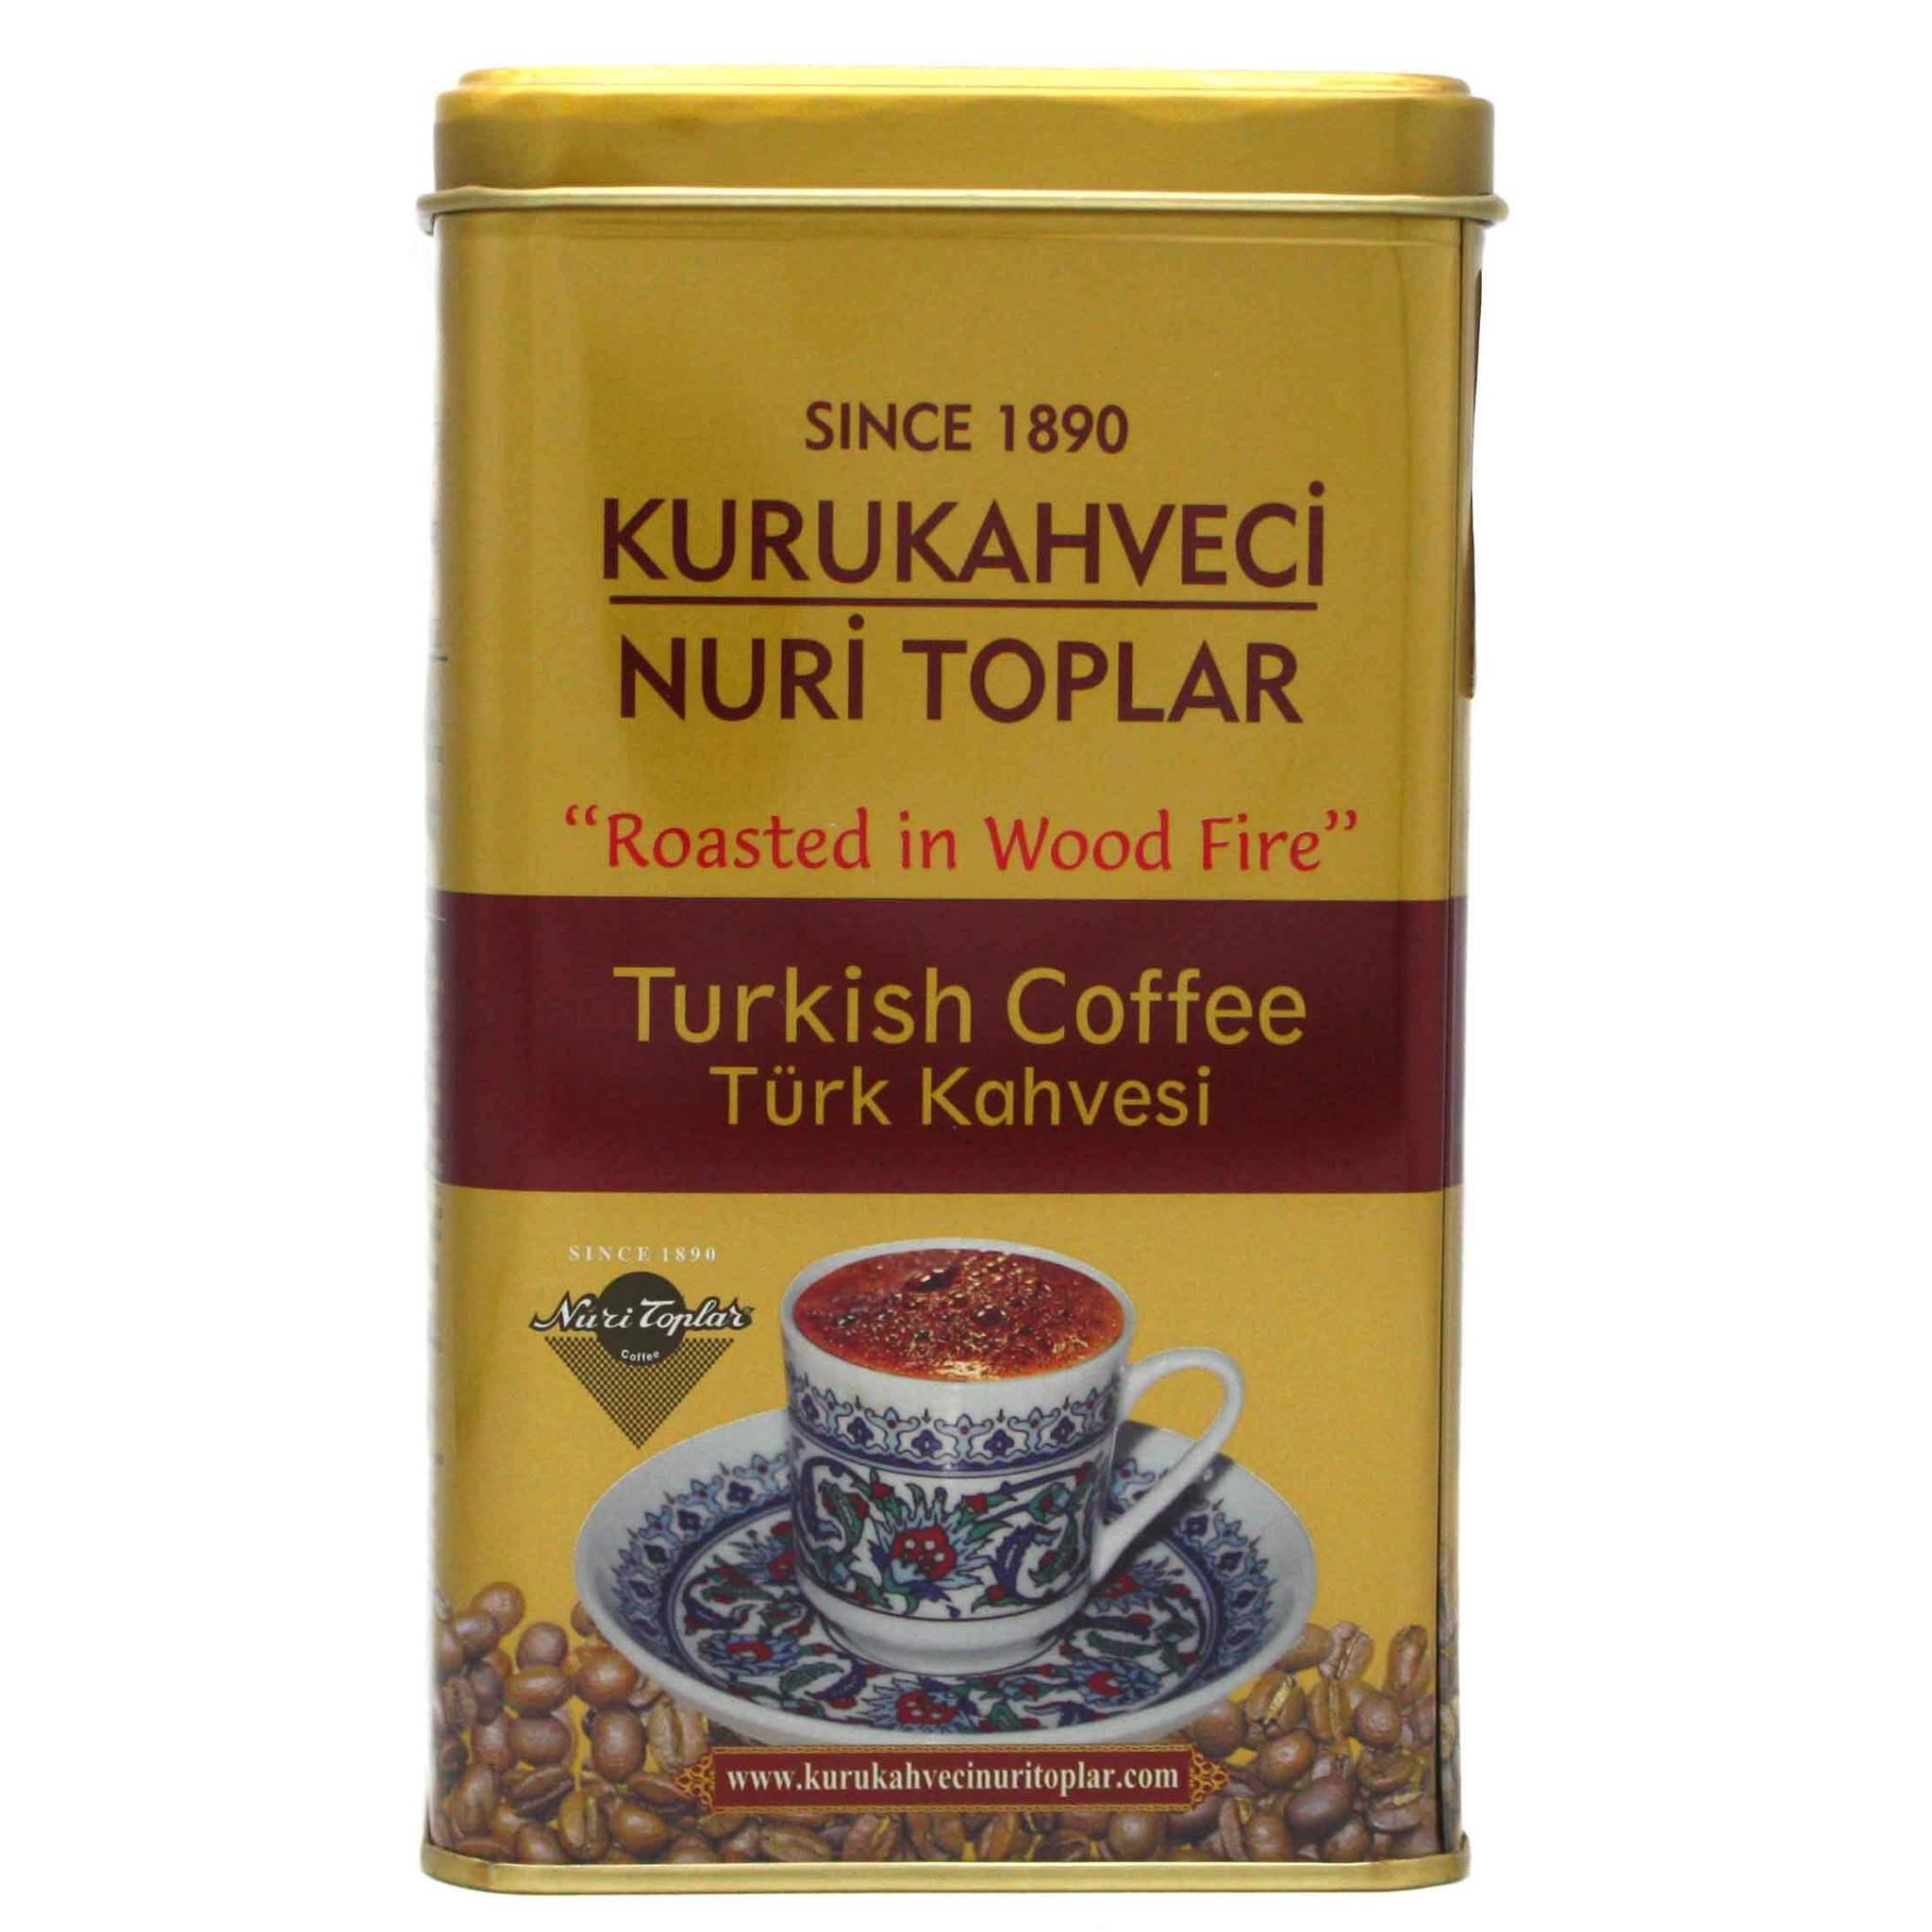 Haseeb Турецкий кофе молотый, Nuri Toplar Turkish, 300 г import_files_44_444270f9410011eaa9c6484d7ecee297_6e591933516611eaa9c7484d7ecee297.jpg